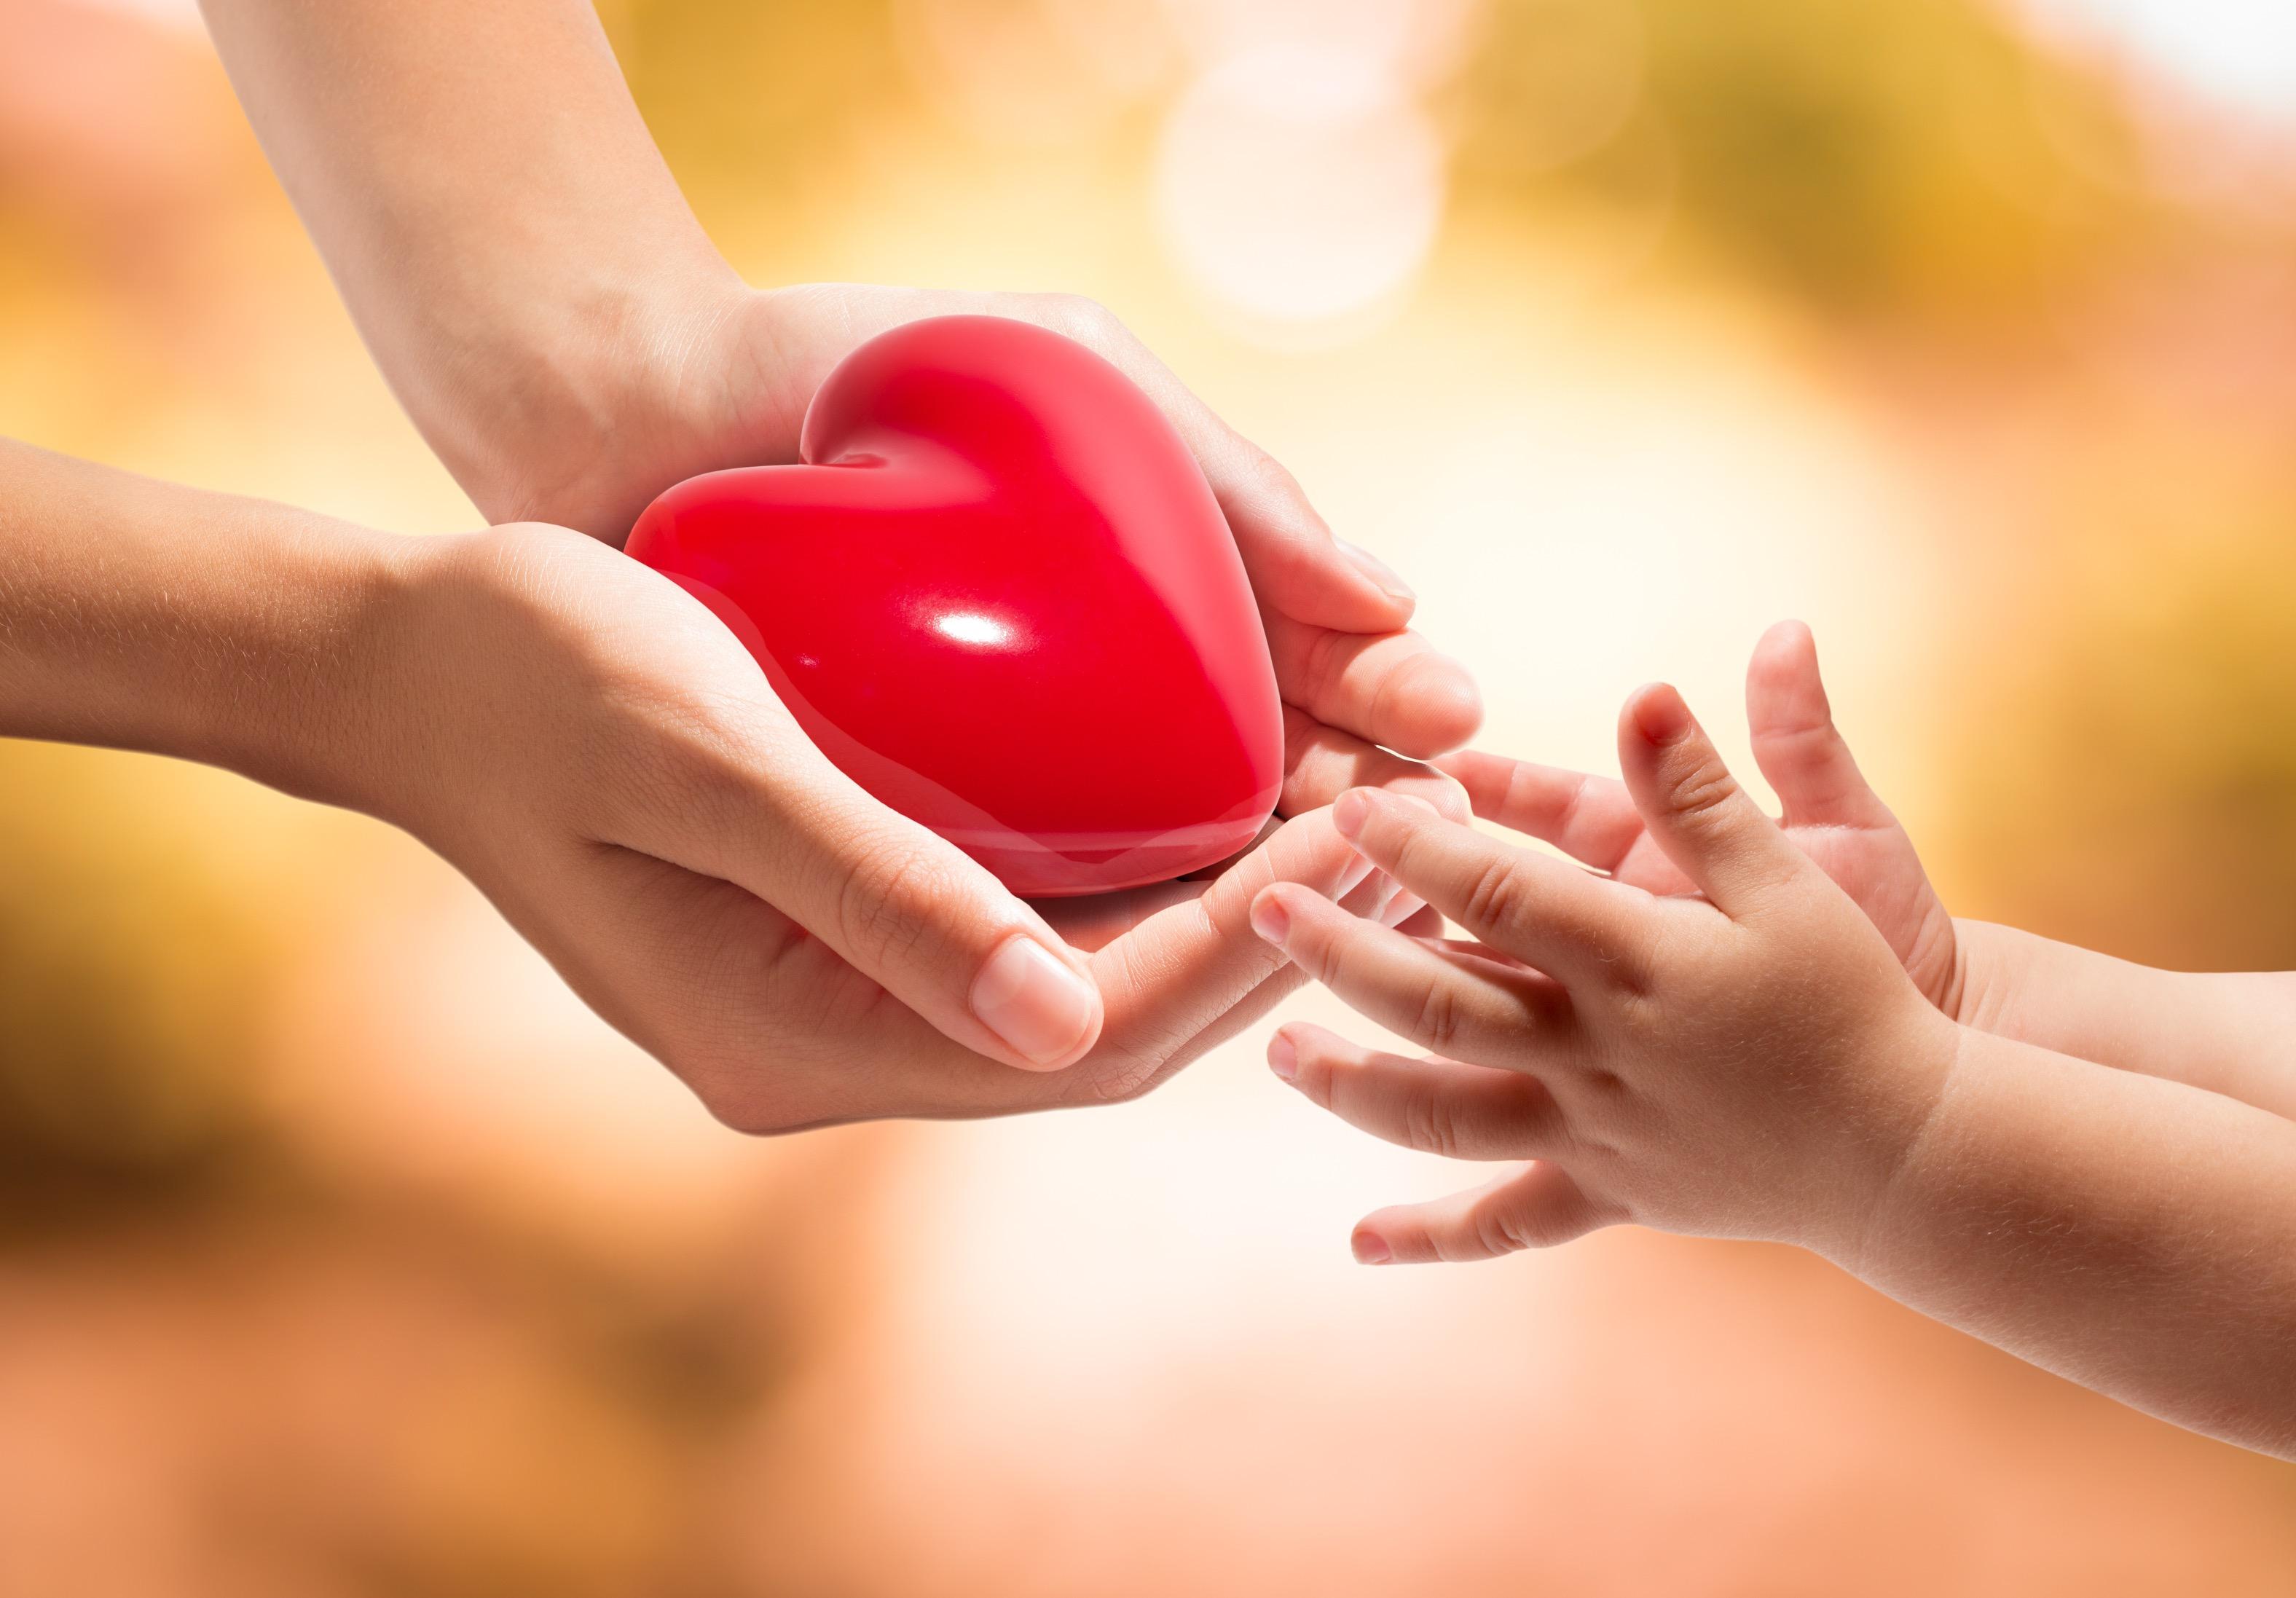 Love Blood Hand Wallpaper : Loving Kindness for our Inner child - Jason Garner